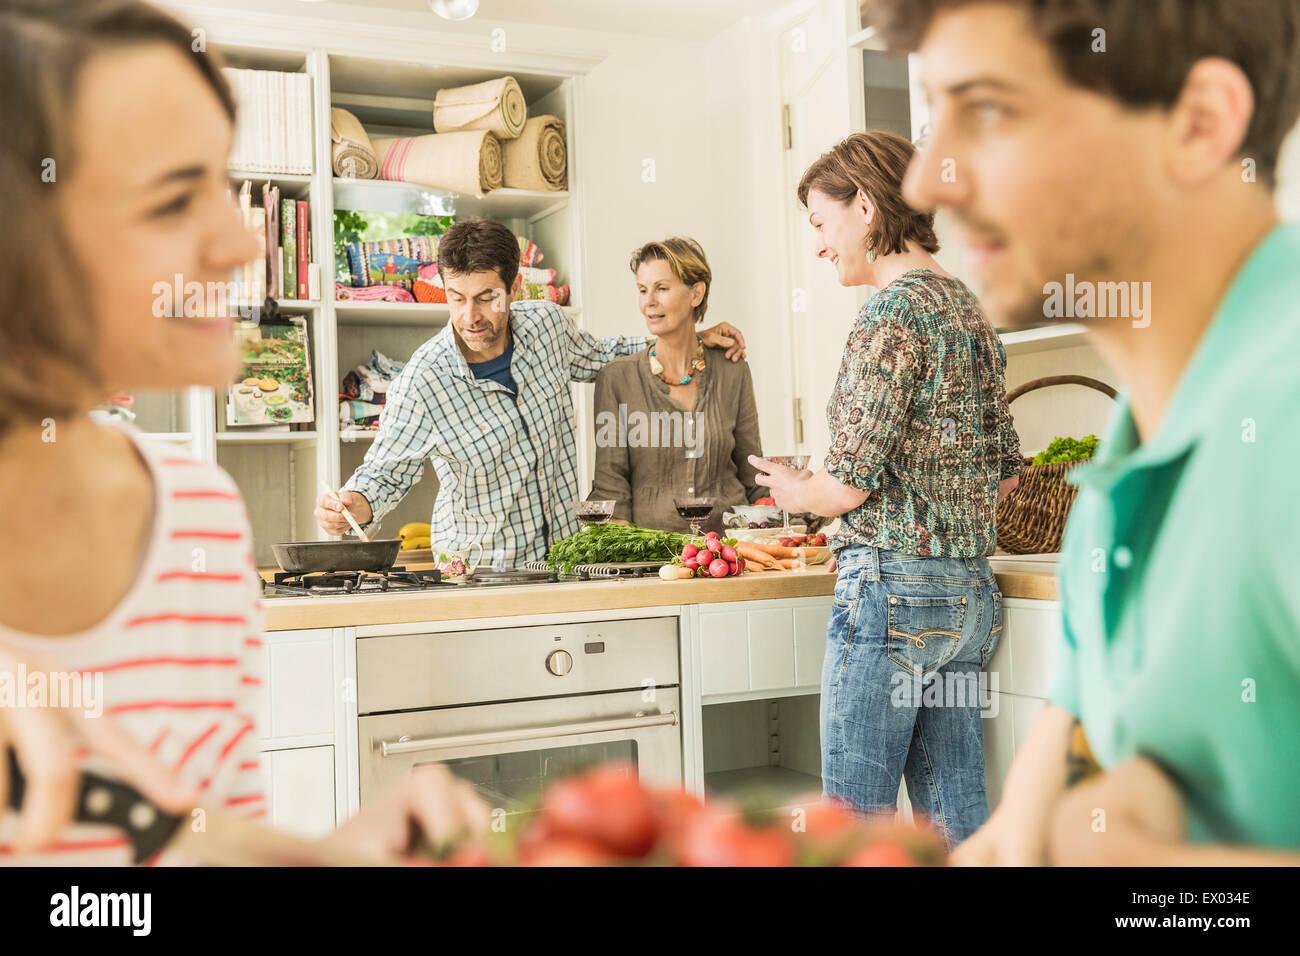 Fünf Erwachsene Freunde sammeln für Dinner-Party in Küche Stockbild